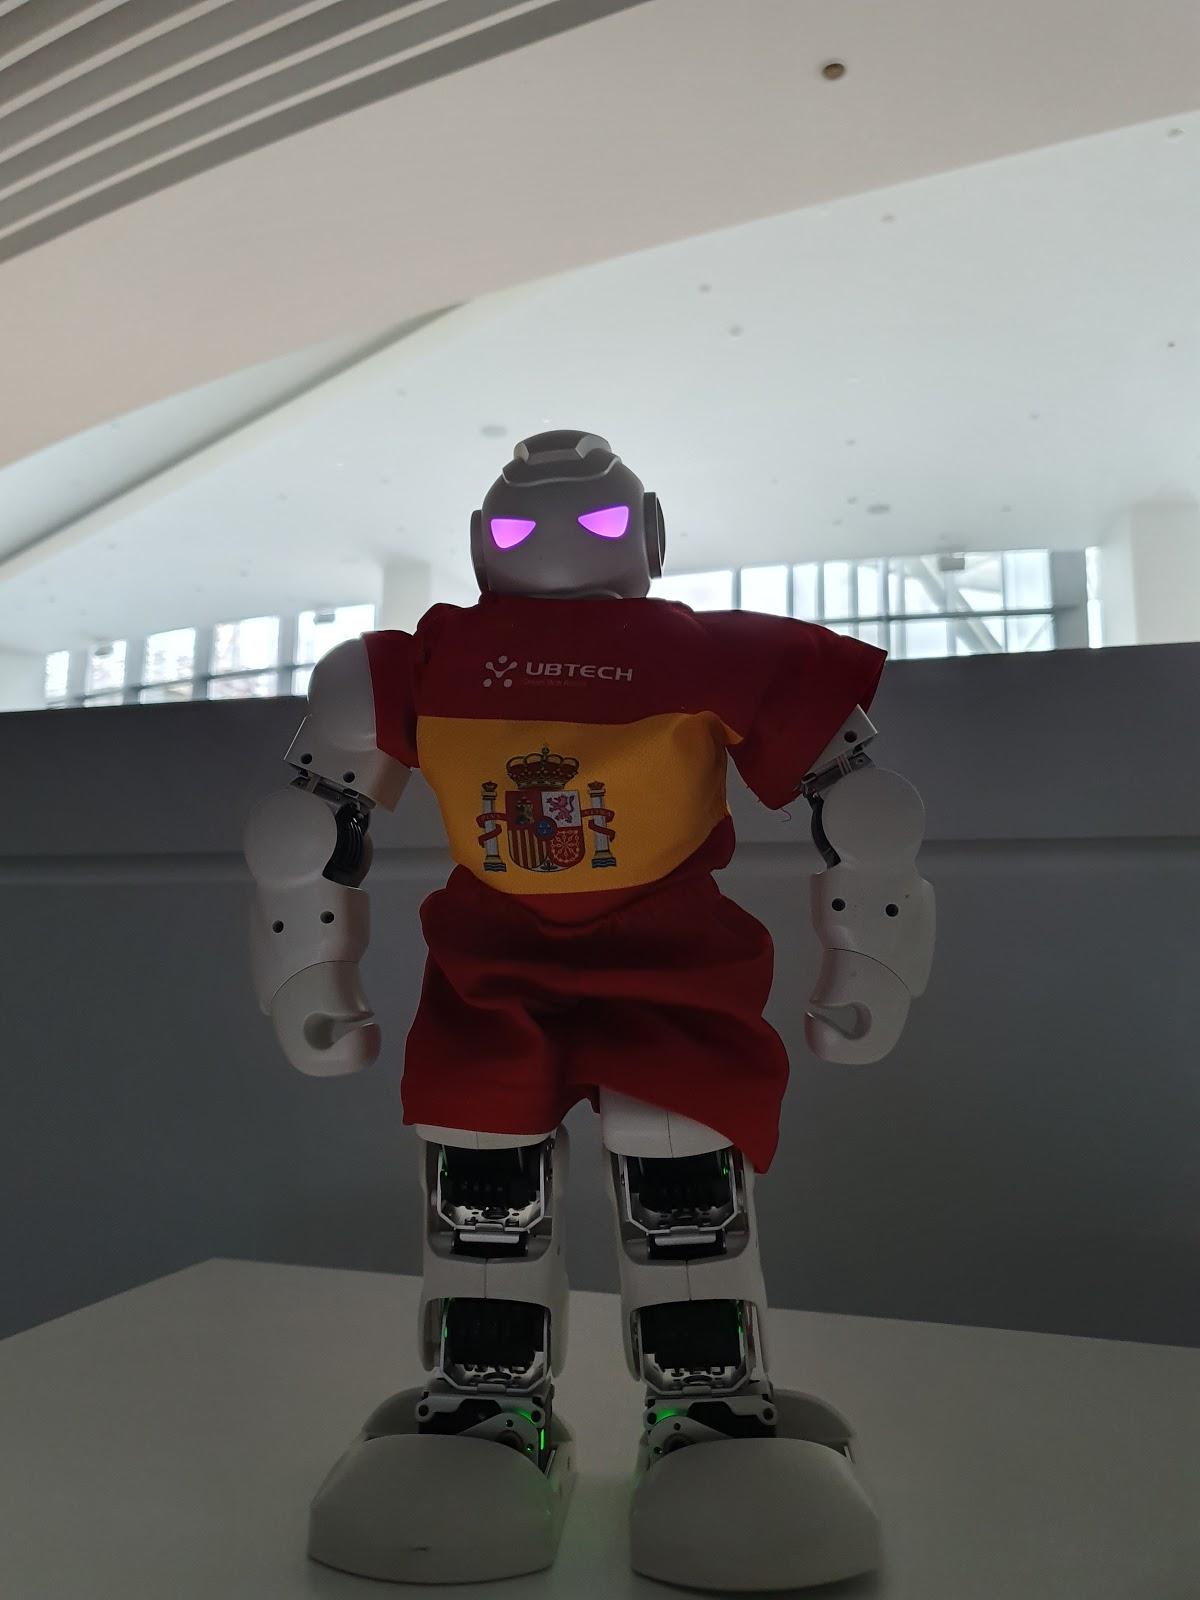 Будущее наступает: китайские роботы приехали в Россию - 26